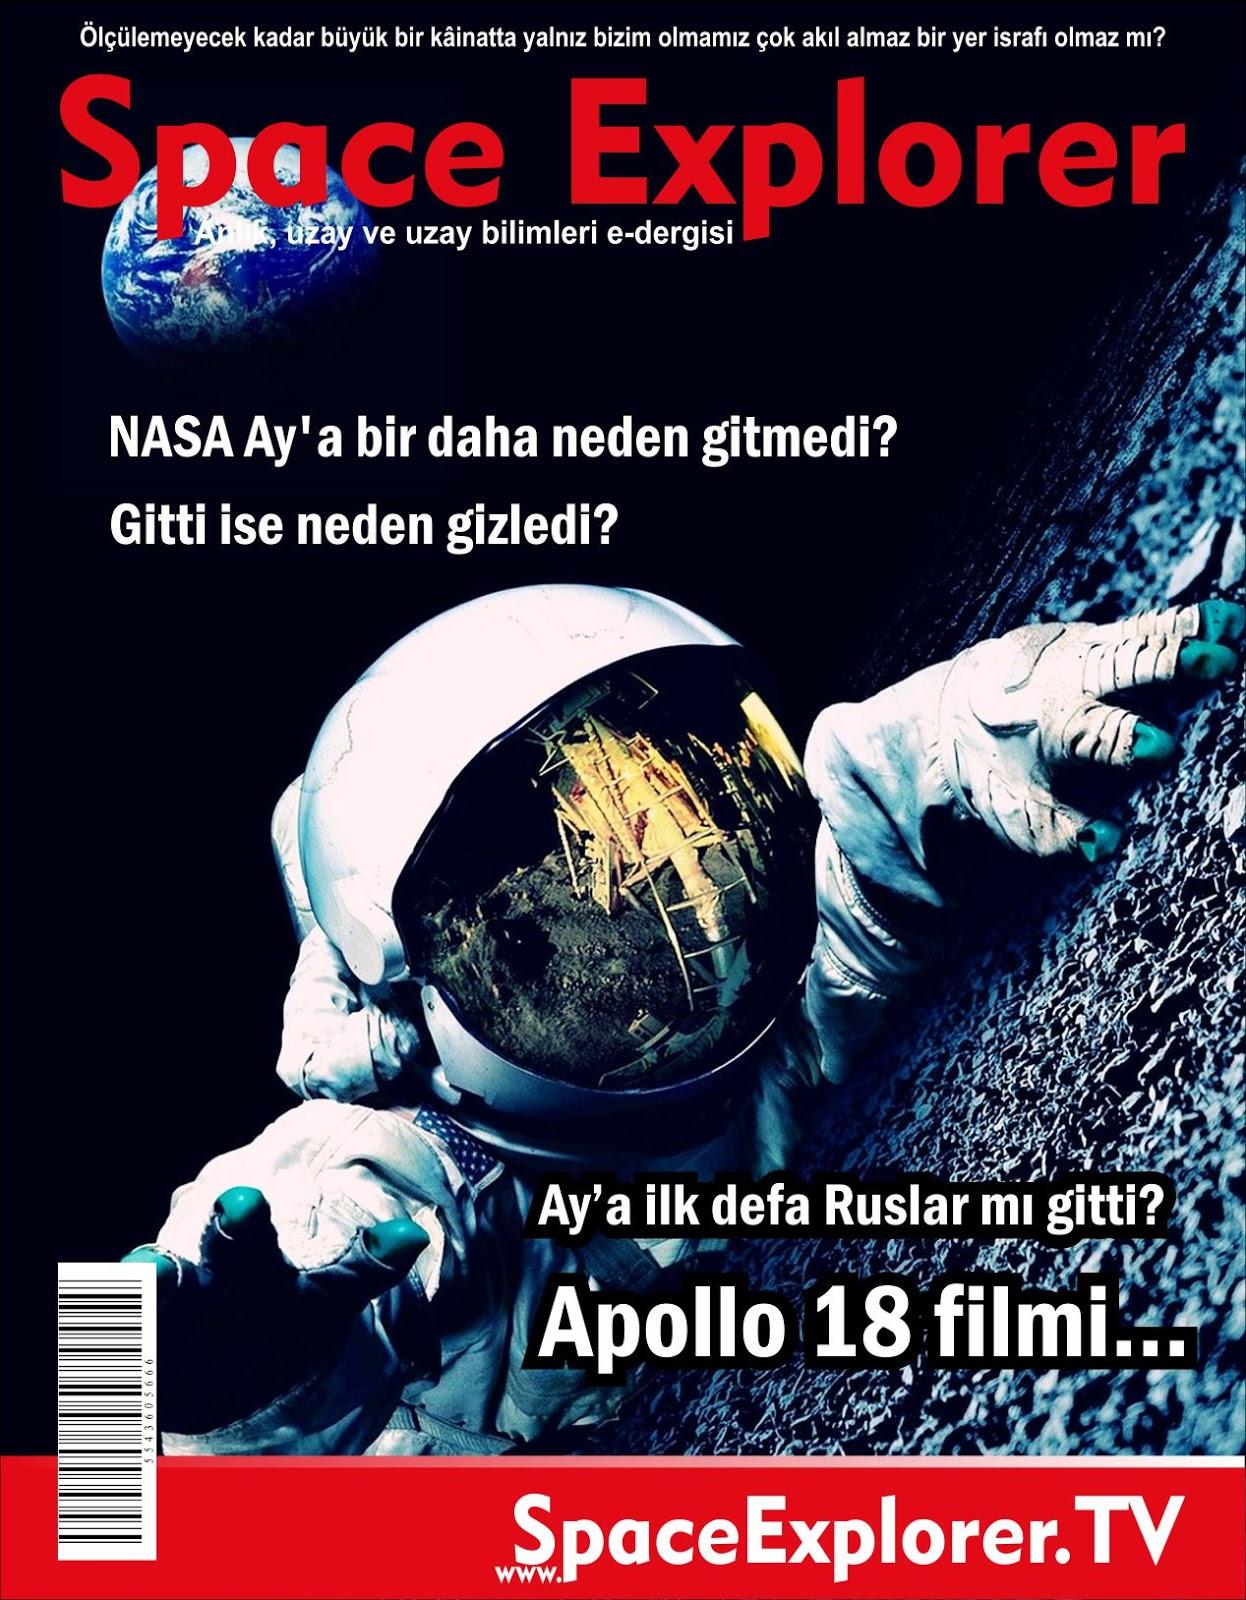 Ay, Ay'da bulunan uzaylı mumyası, Ay'da üs, Ay'daki antik şehir, Ay'daki gizli üsler, NASA, NASA neden gizliyor, Uzayda hayat var mı?, Apollo 18, Rusya, Videolar,